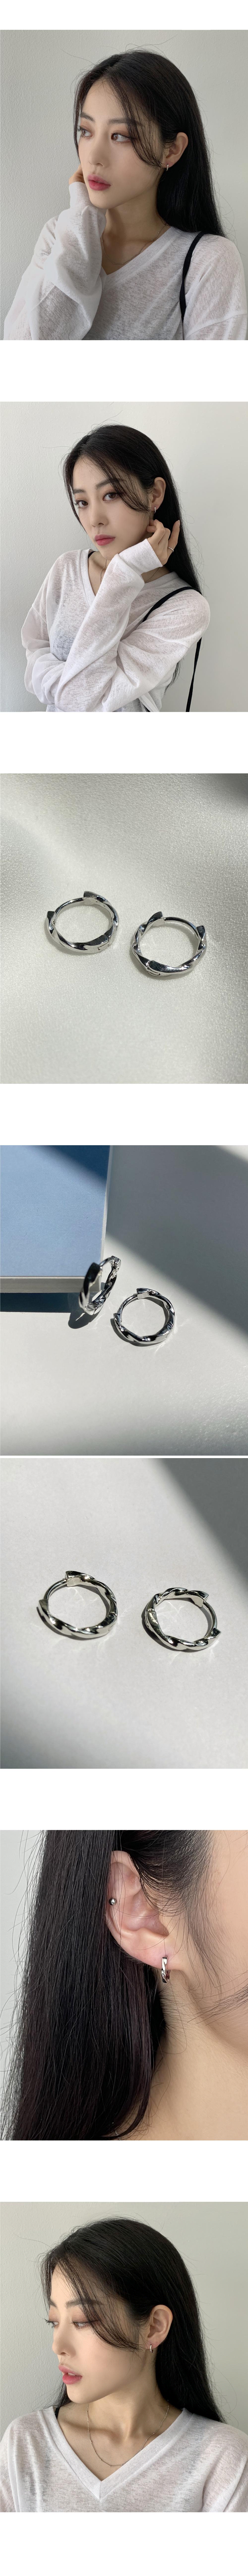 Head Twist One Touch Ring Earrings